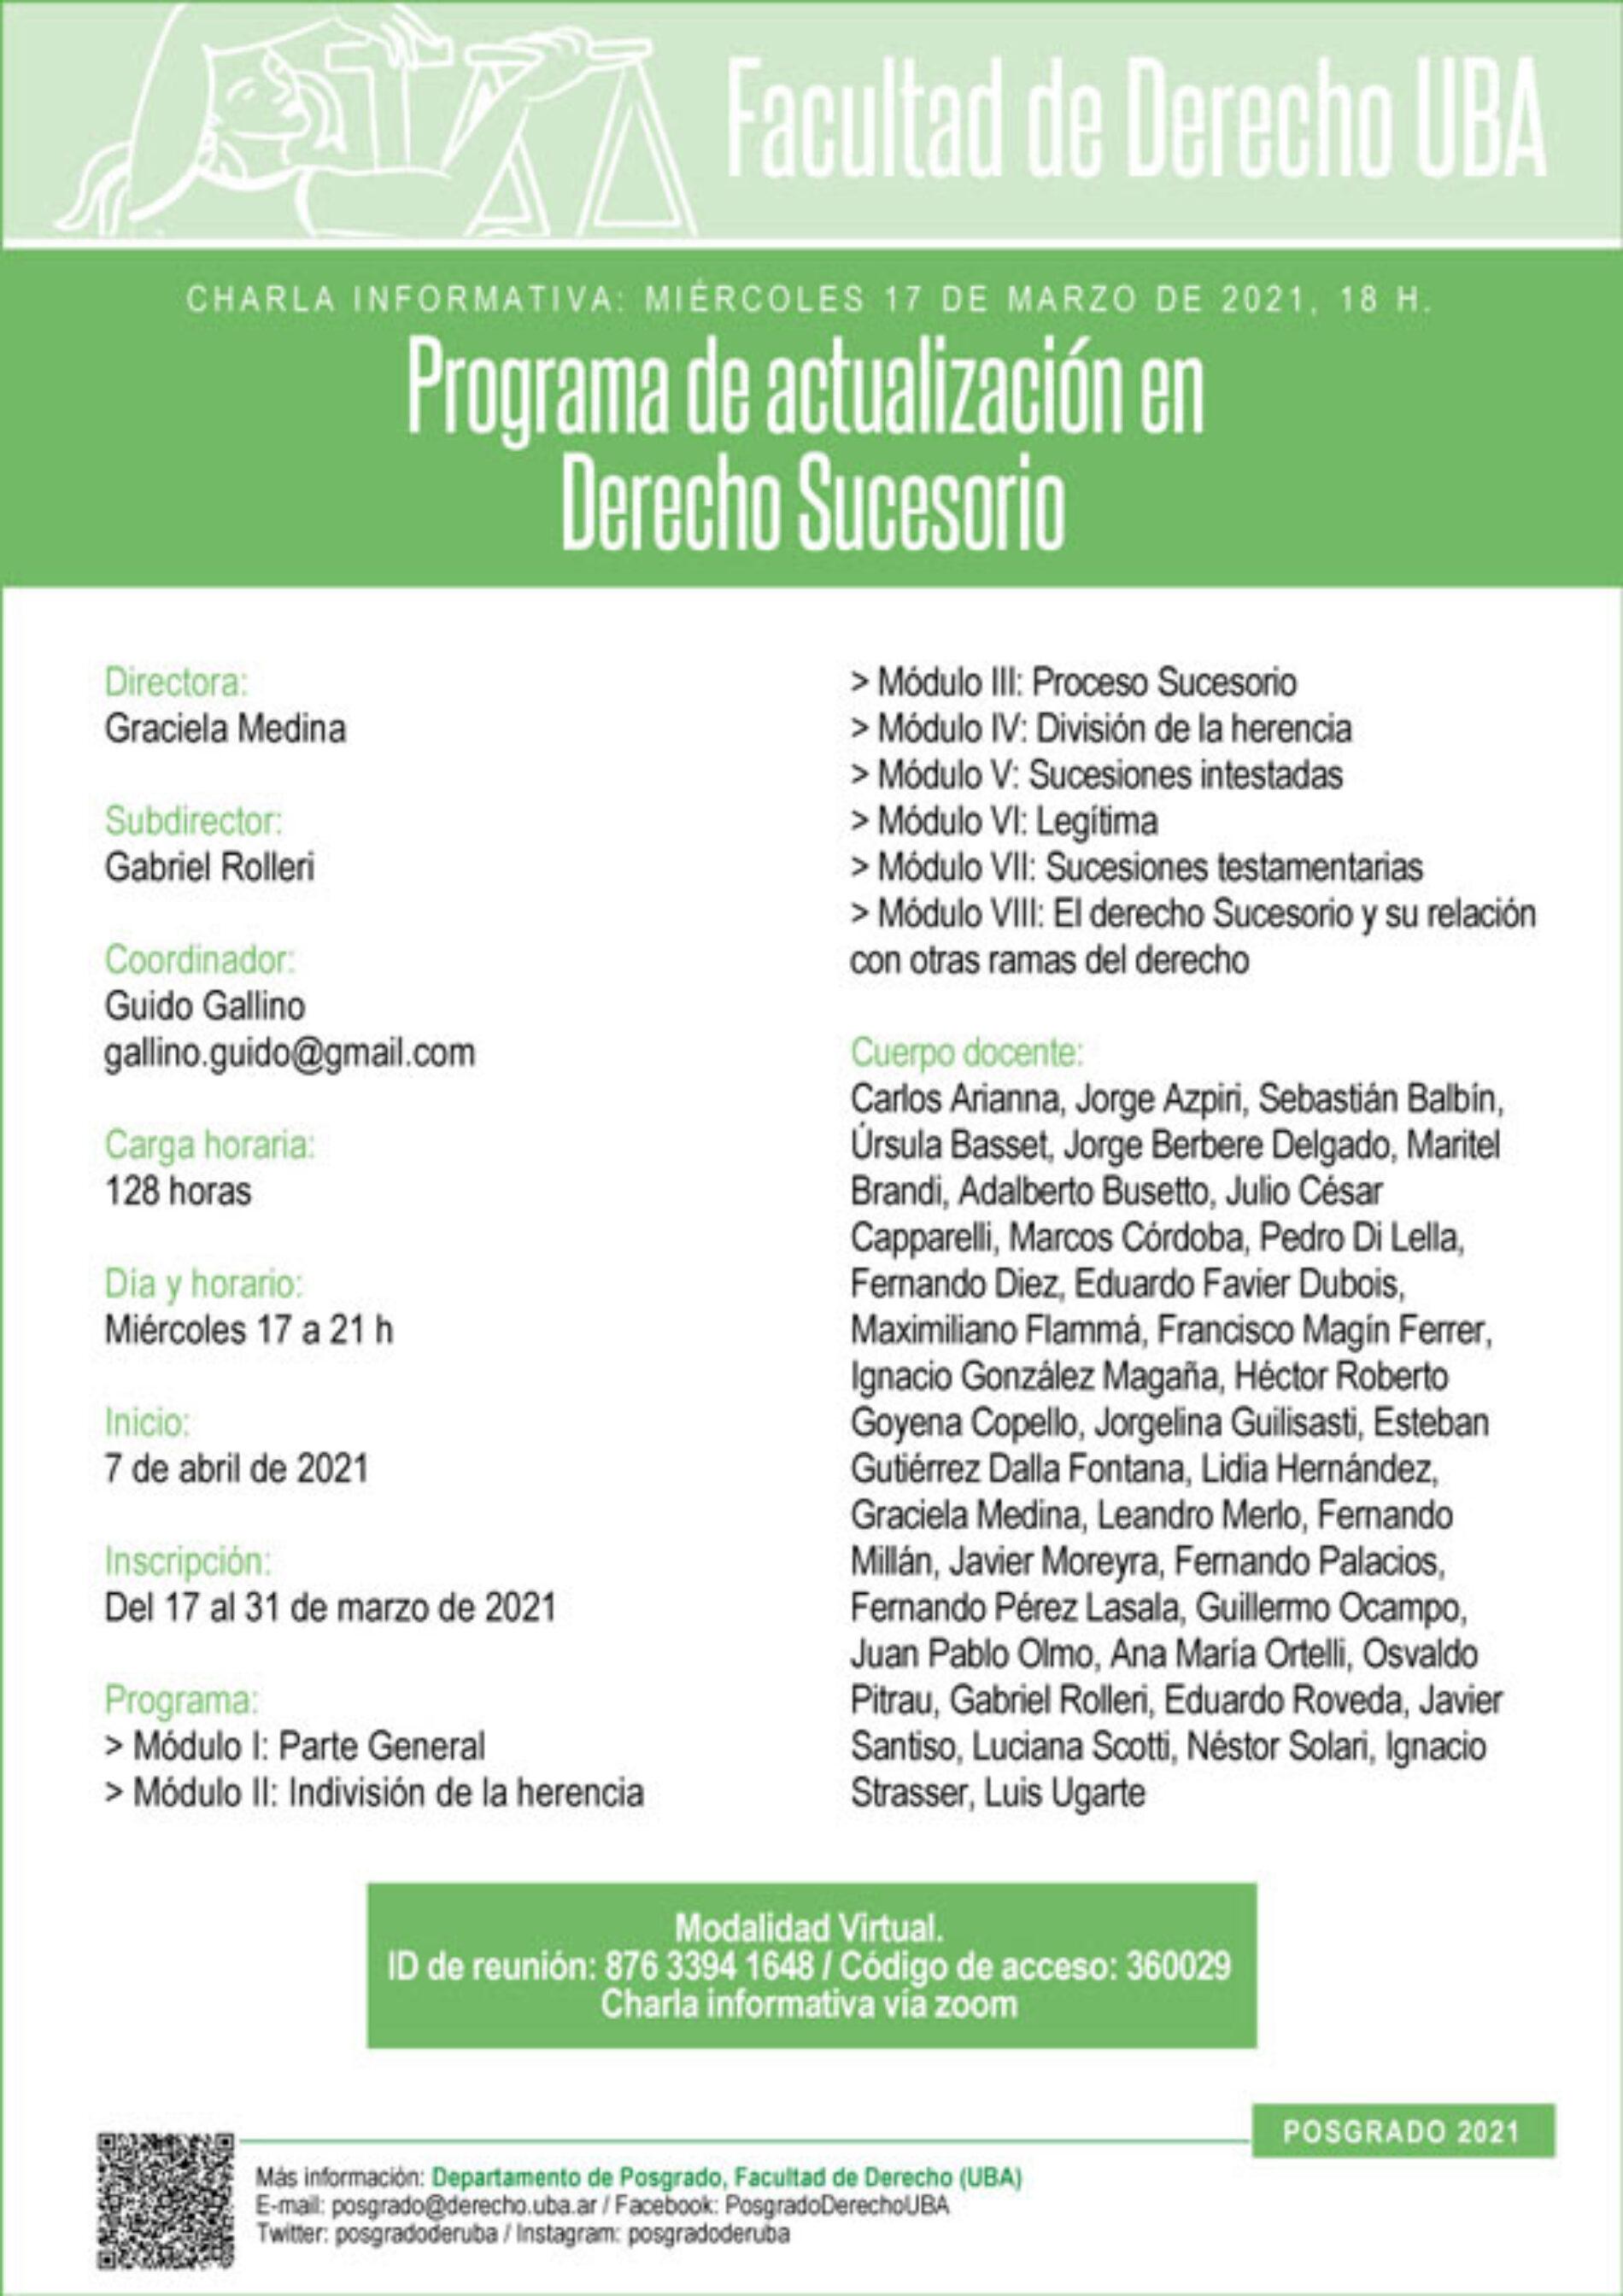 Charla informativa del Programa de actualización en Derecho Sucesorio.